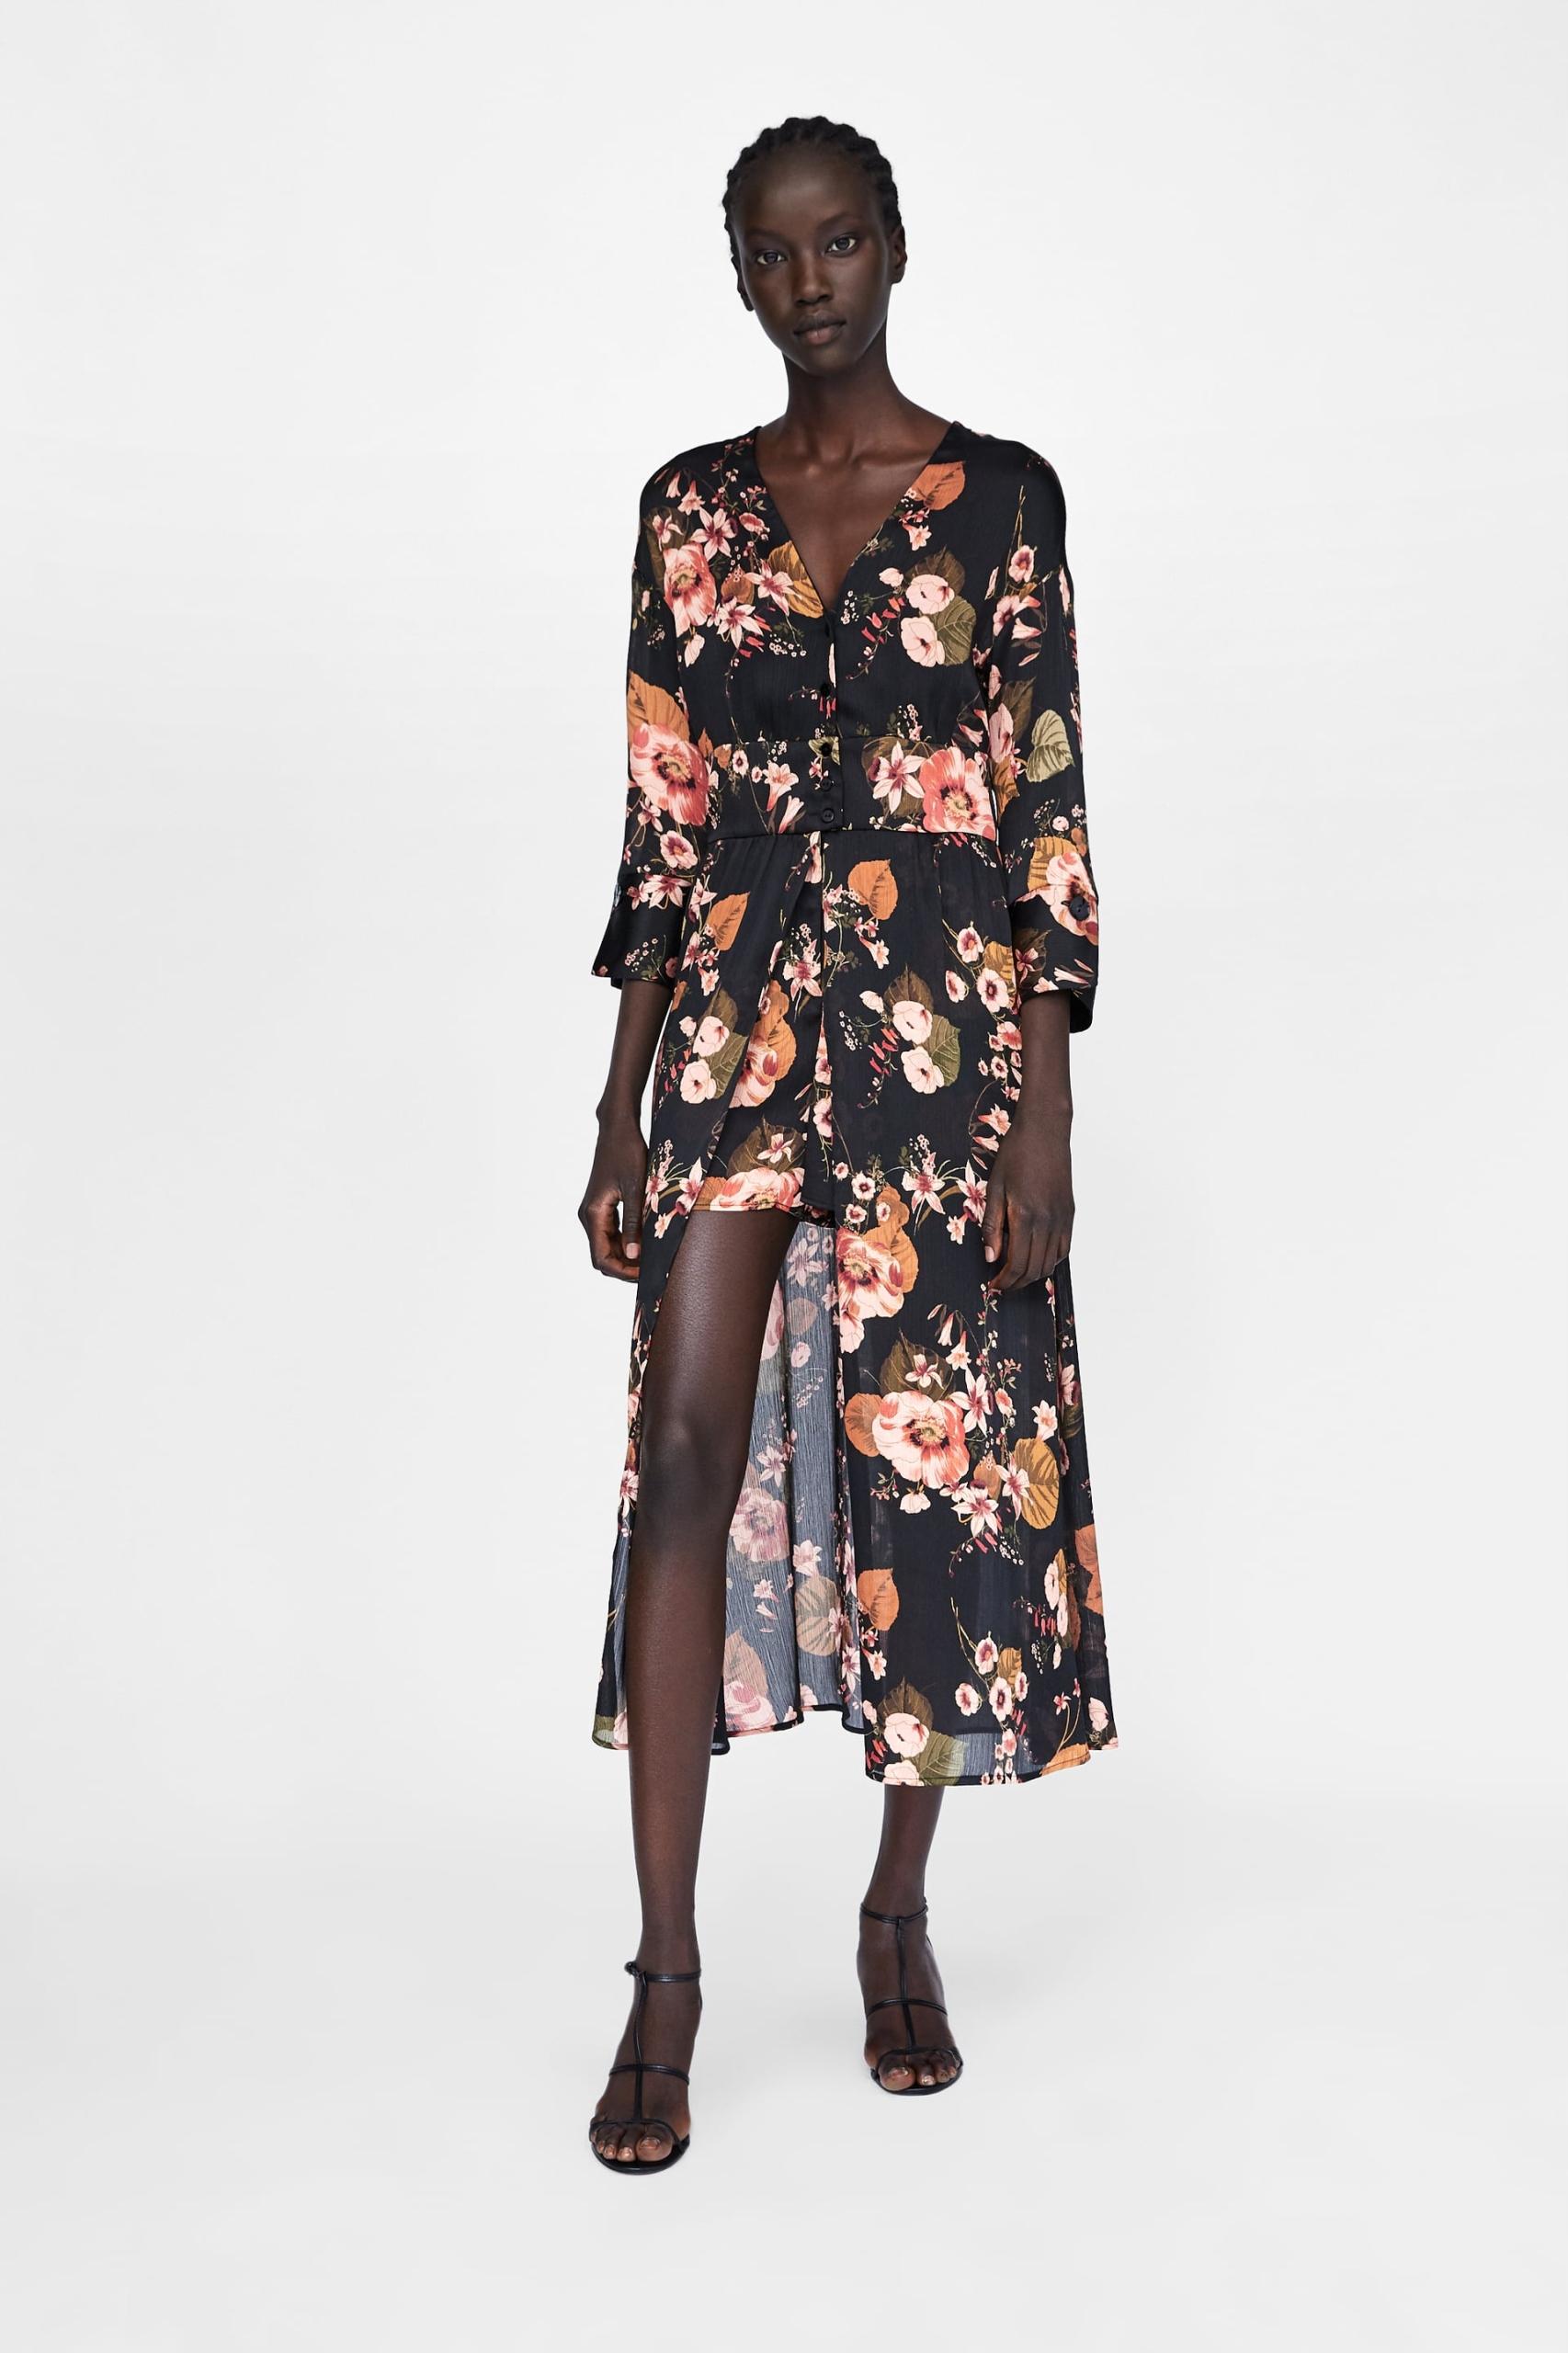 240d560d03 ZARA sukienka kombinezon z nadrukiem w kwiaty S 36 - 7777587620 ...